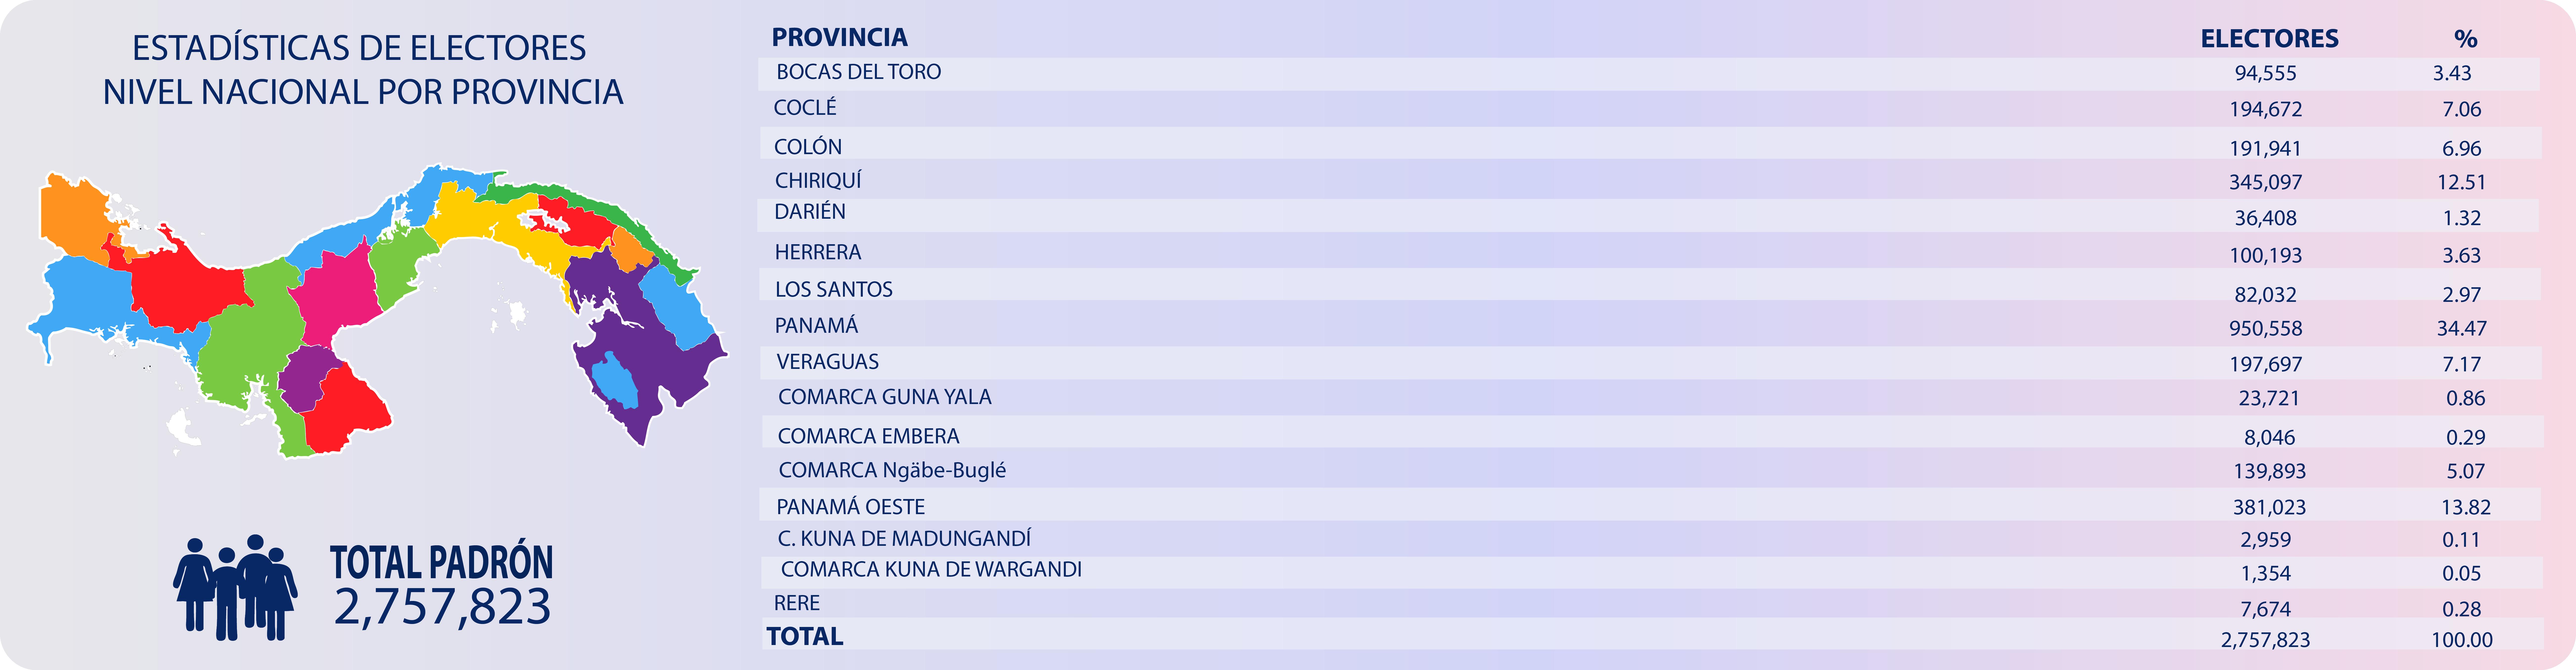 Estadísticas Electorales 2019 - Nivel Nacional por Provincia